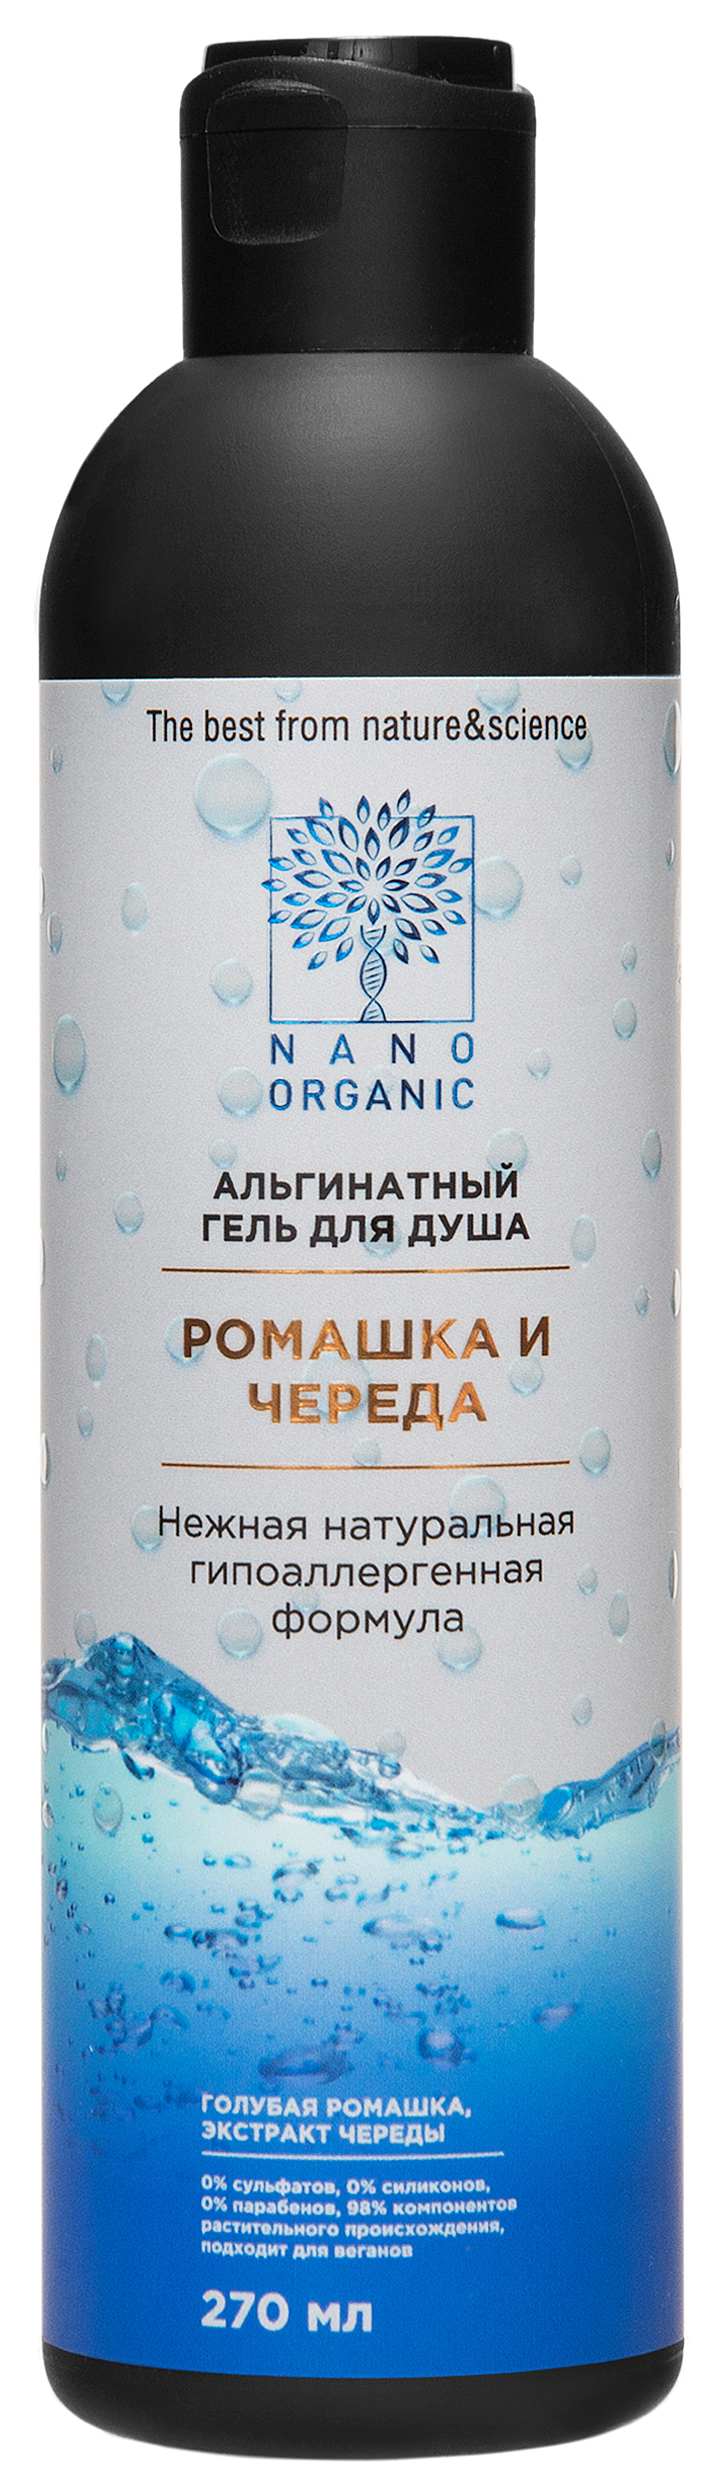 Гель для душа Nano Organic Ромашка и череда 270 мл